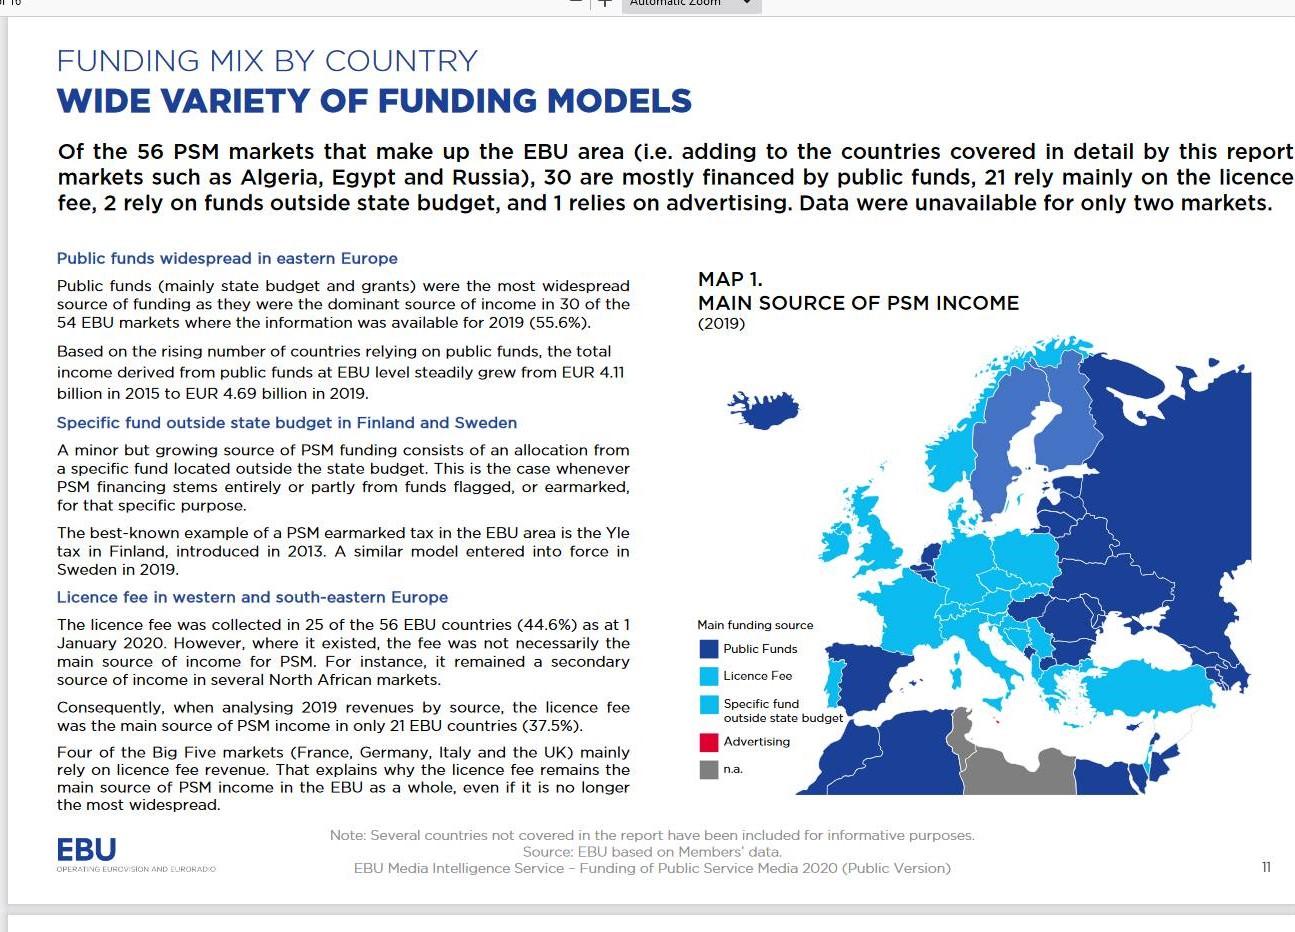 Funding_of_PSM_2020_(Public)_-_EBU-MIS-Funding_of_PSM_2020_Public.pdf_-_2020-12-16_11.30.05